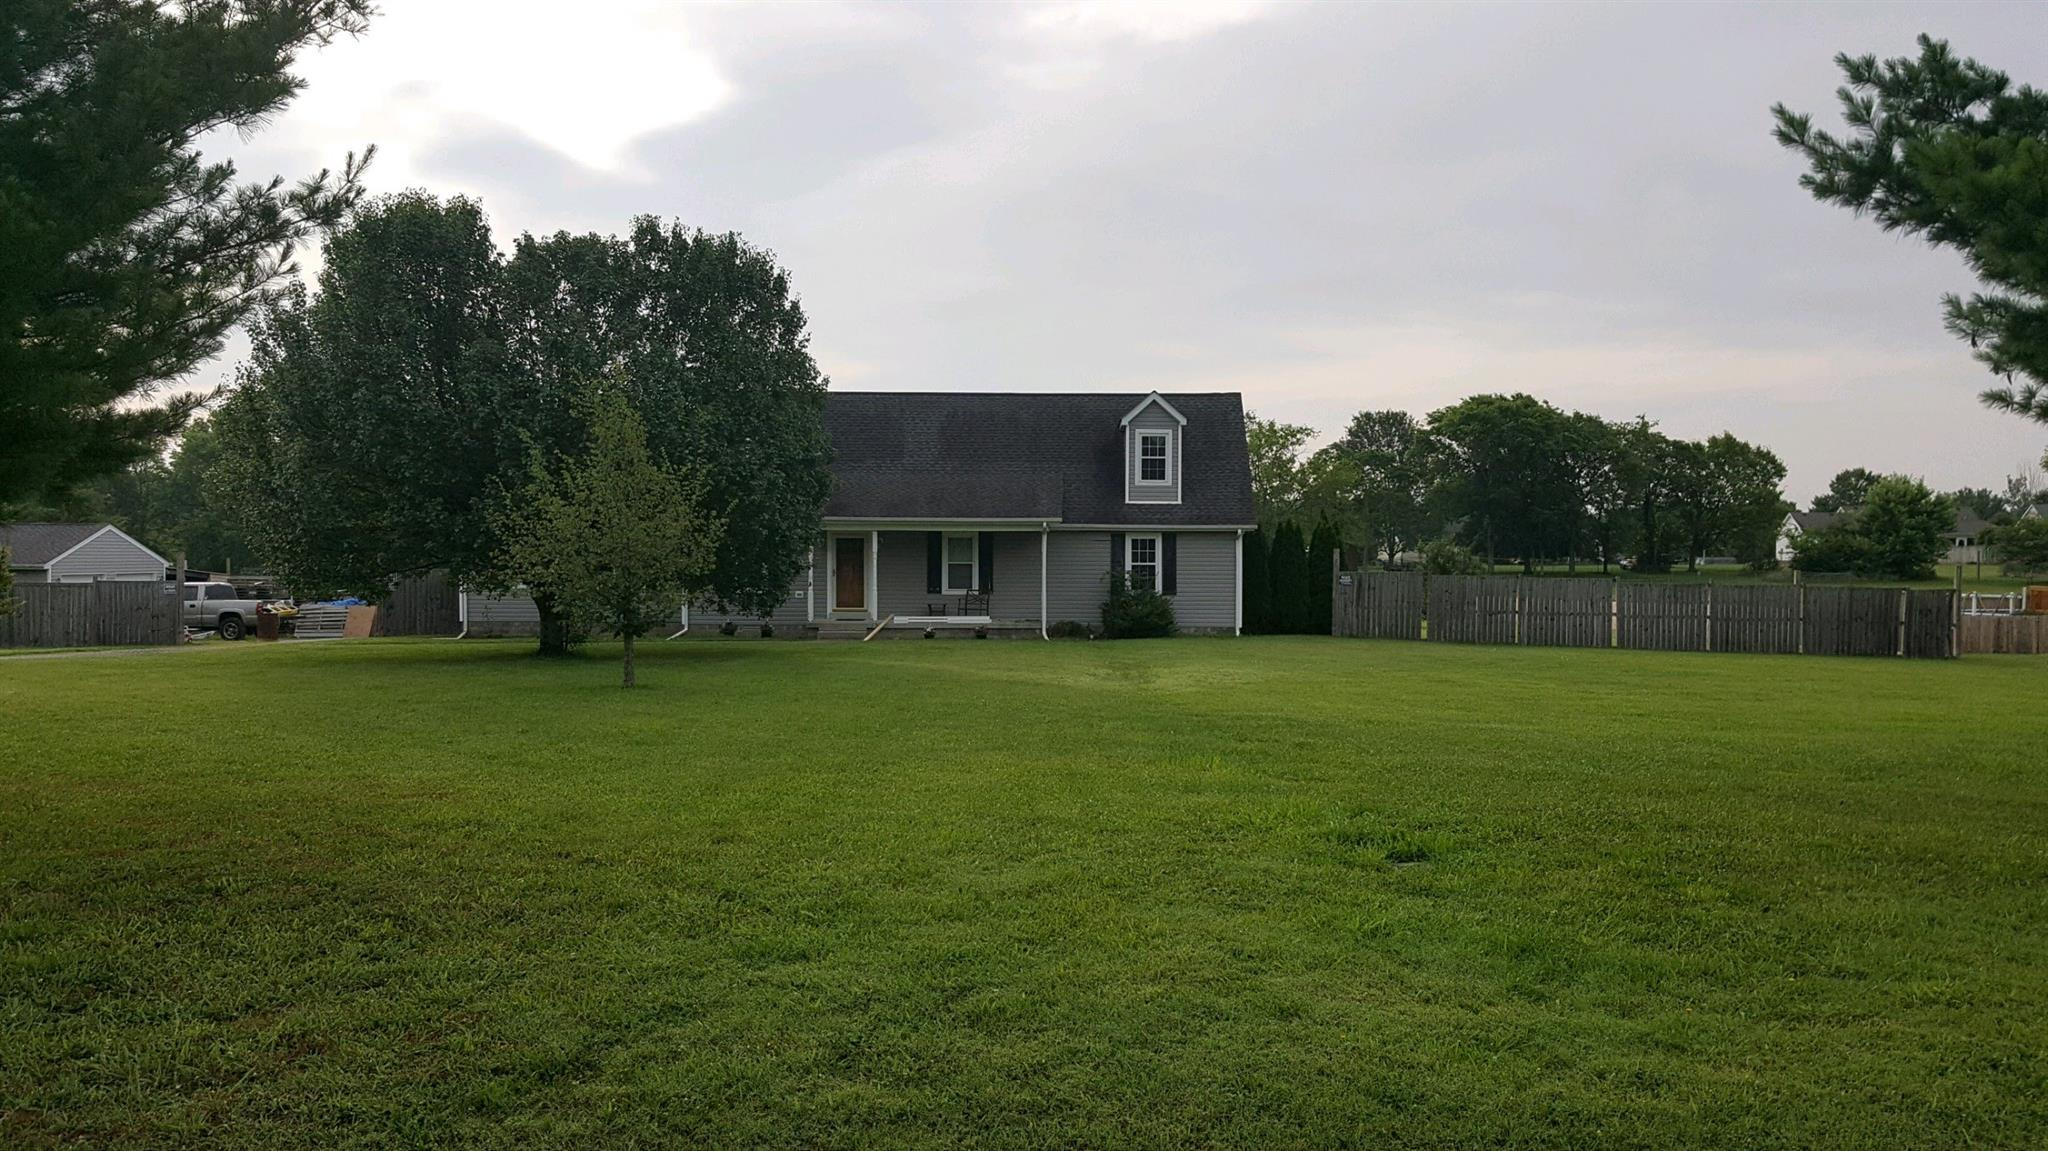 4326 White Oak Dr, Murfreesboro, TN 37128